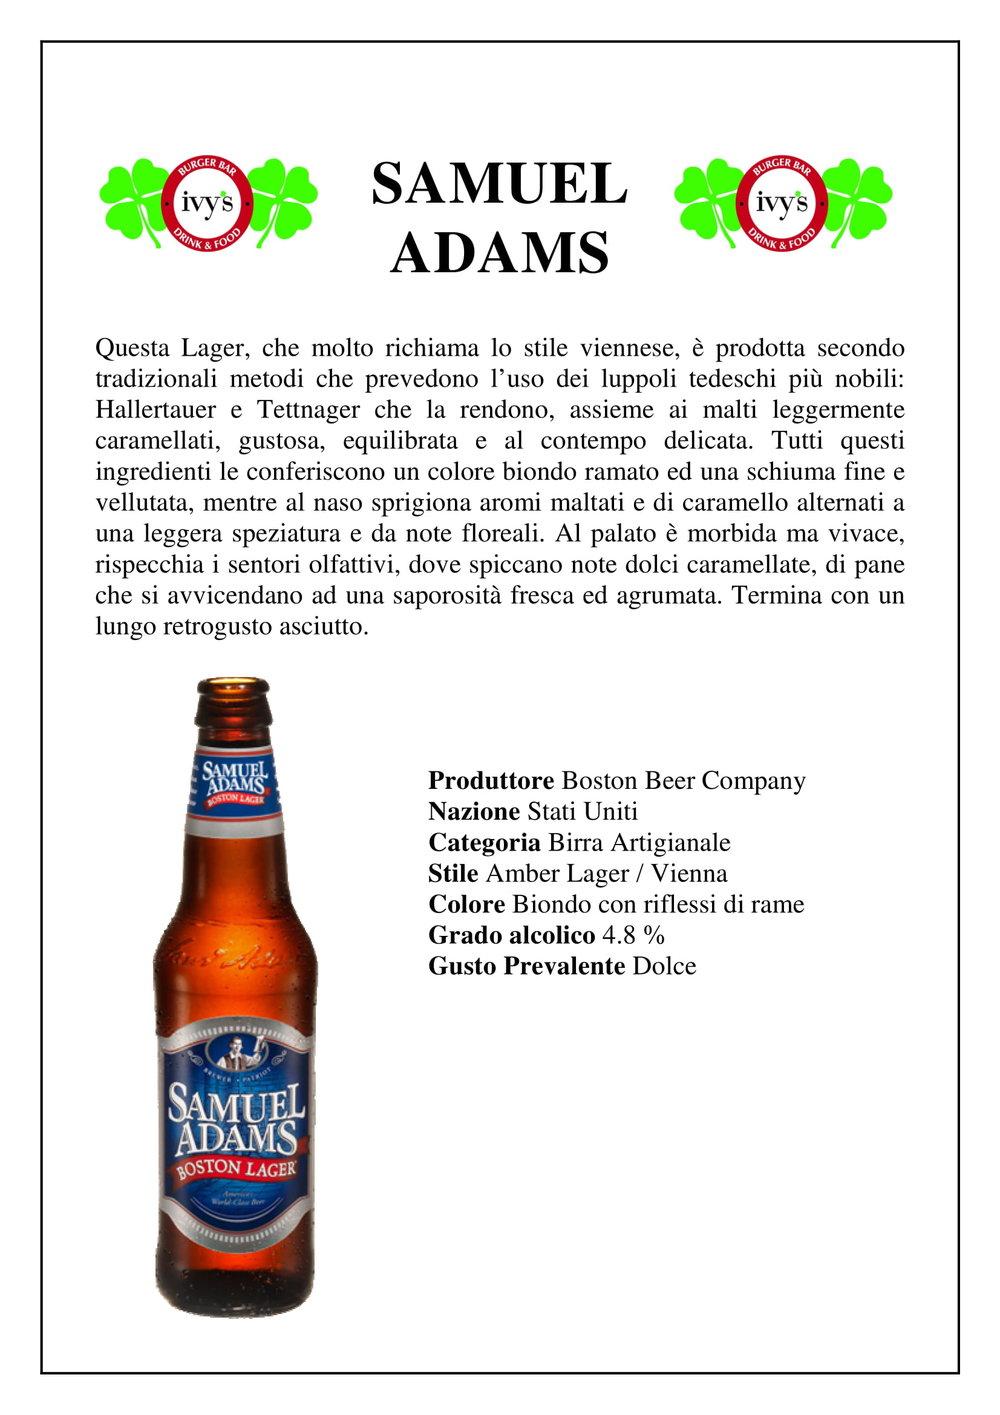 7 samuel adams-1.jpg